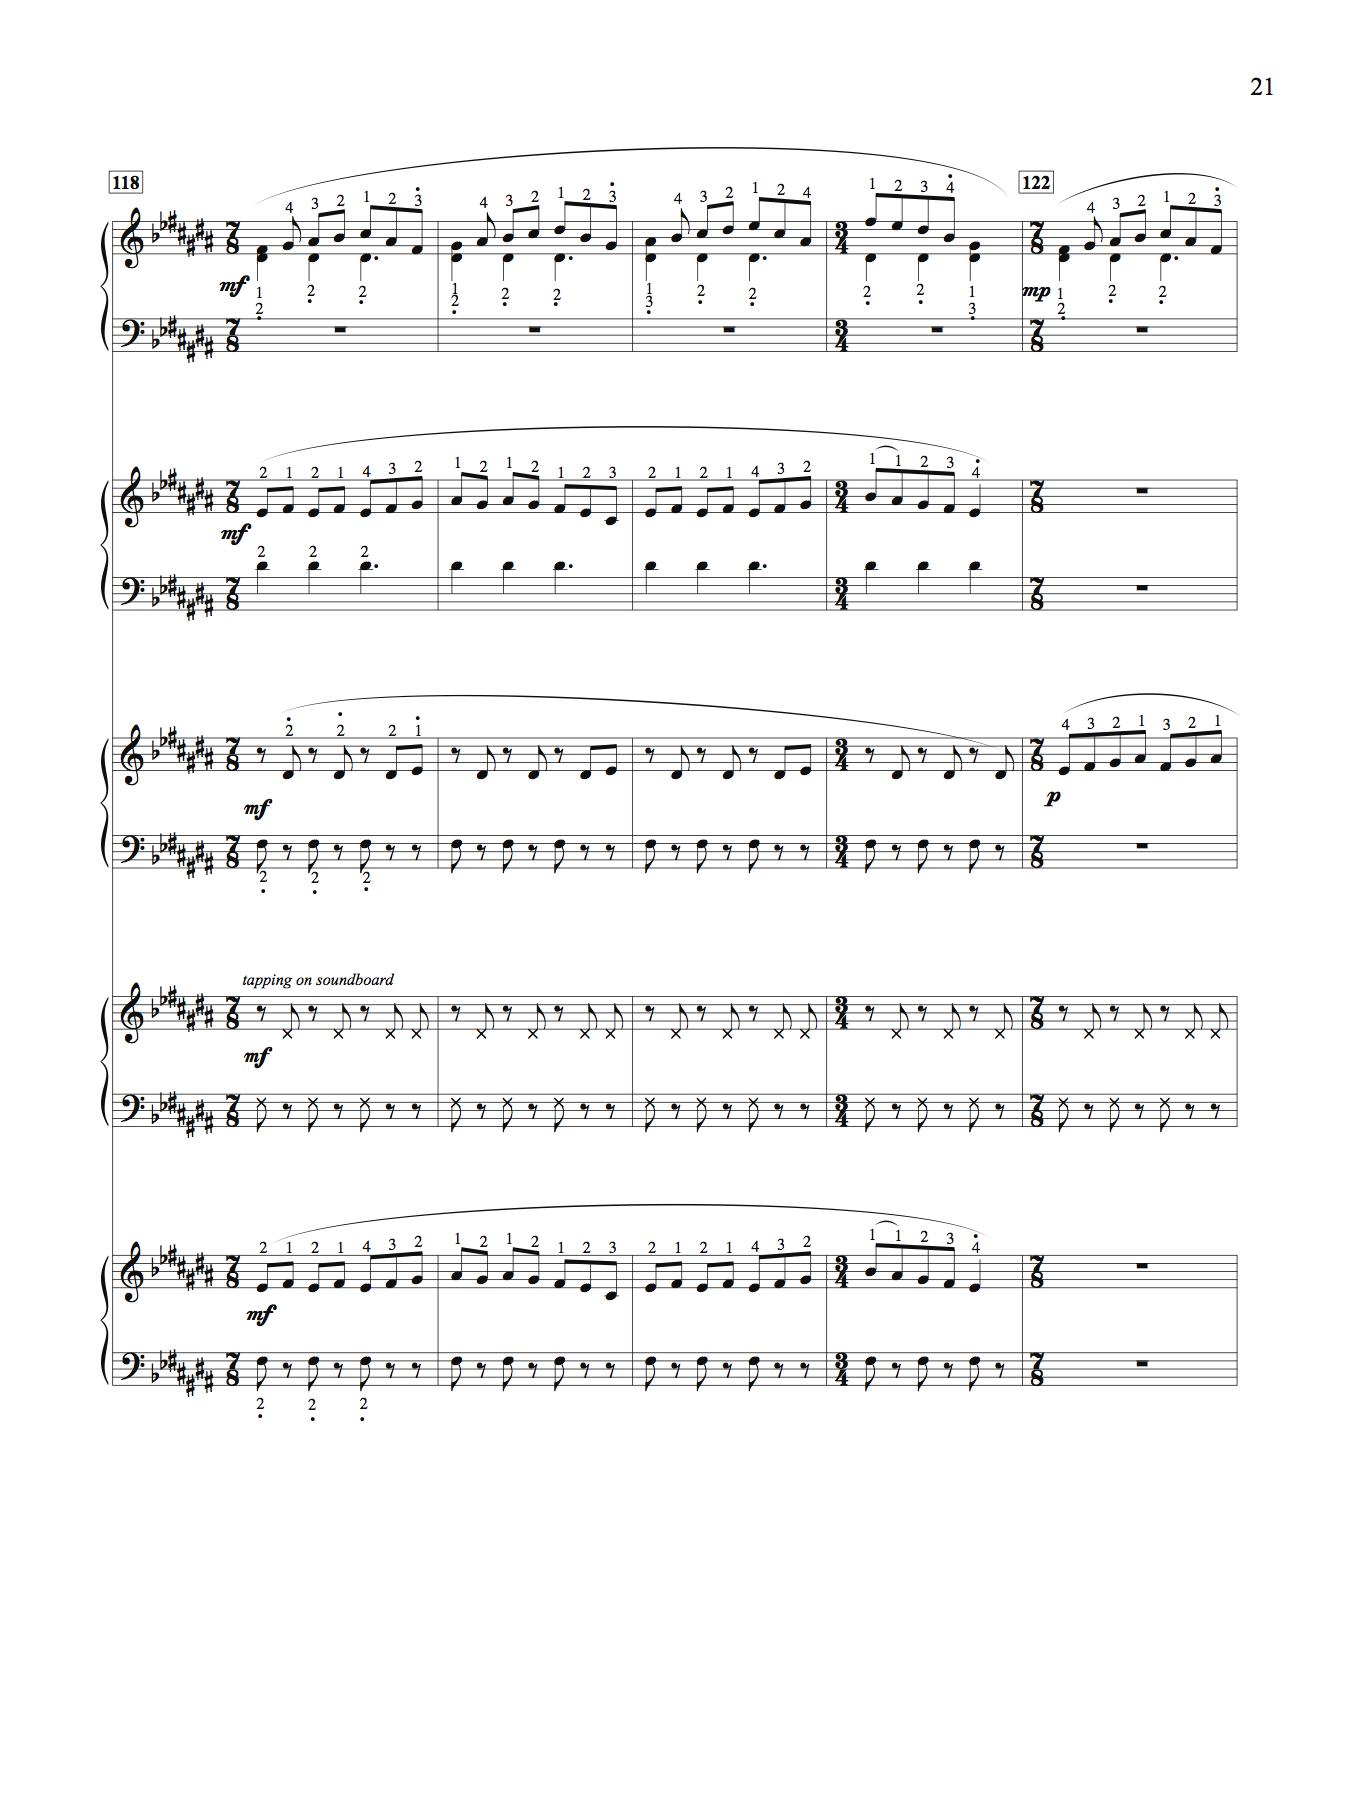 Rhythm song score p5.jpg